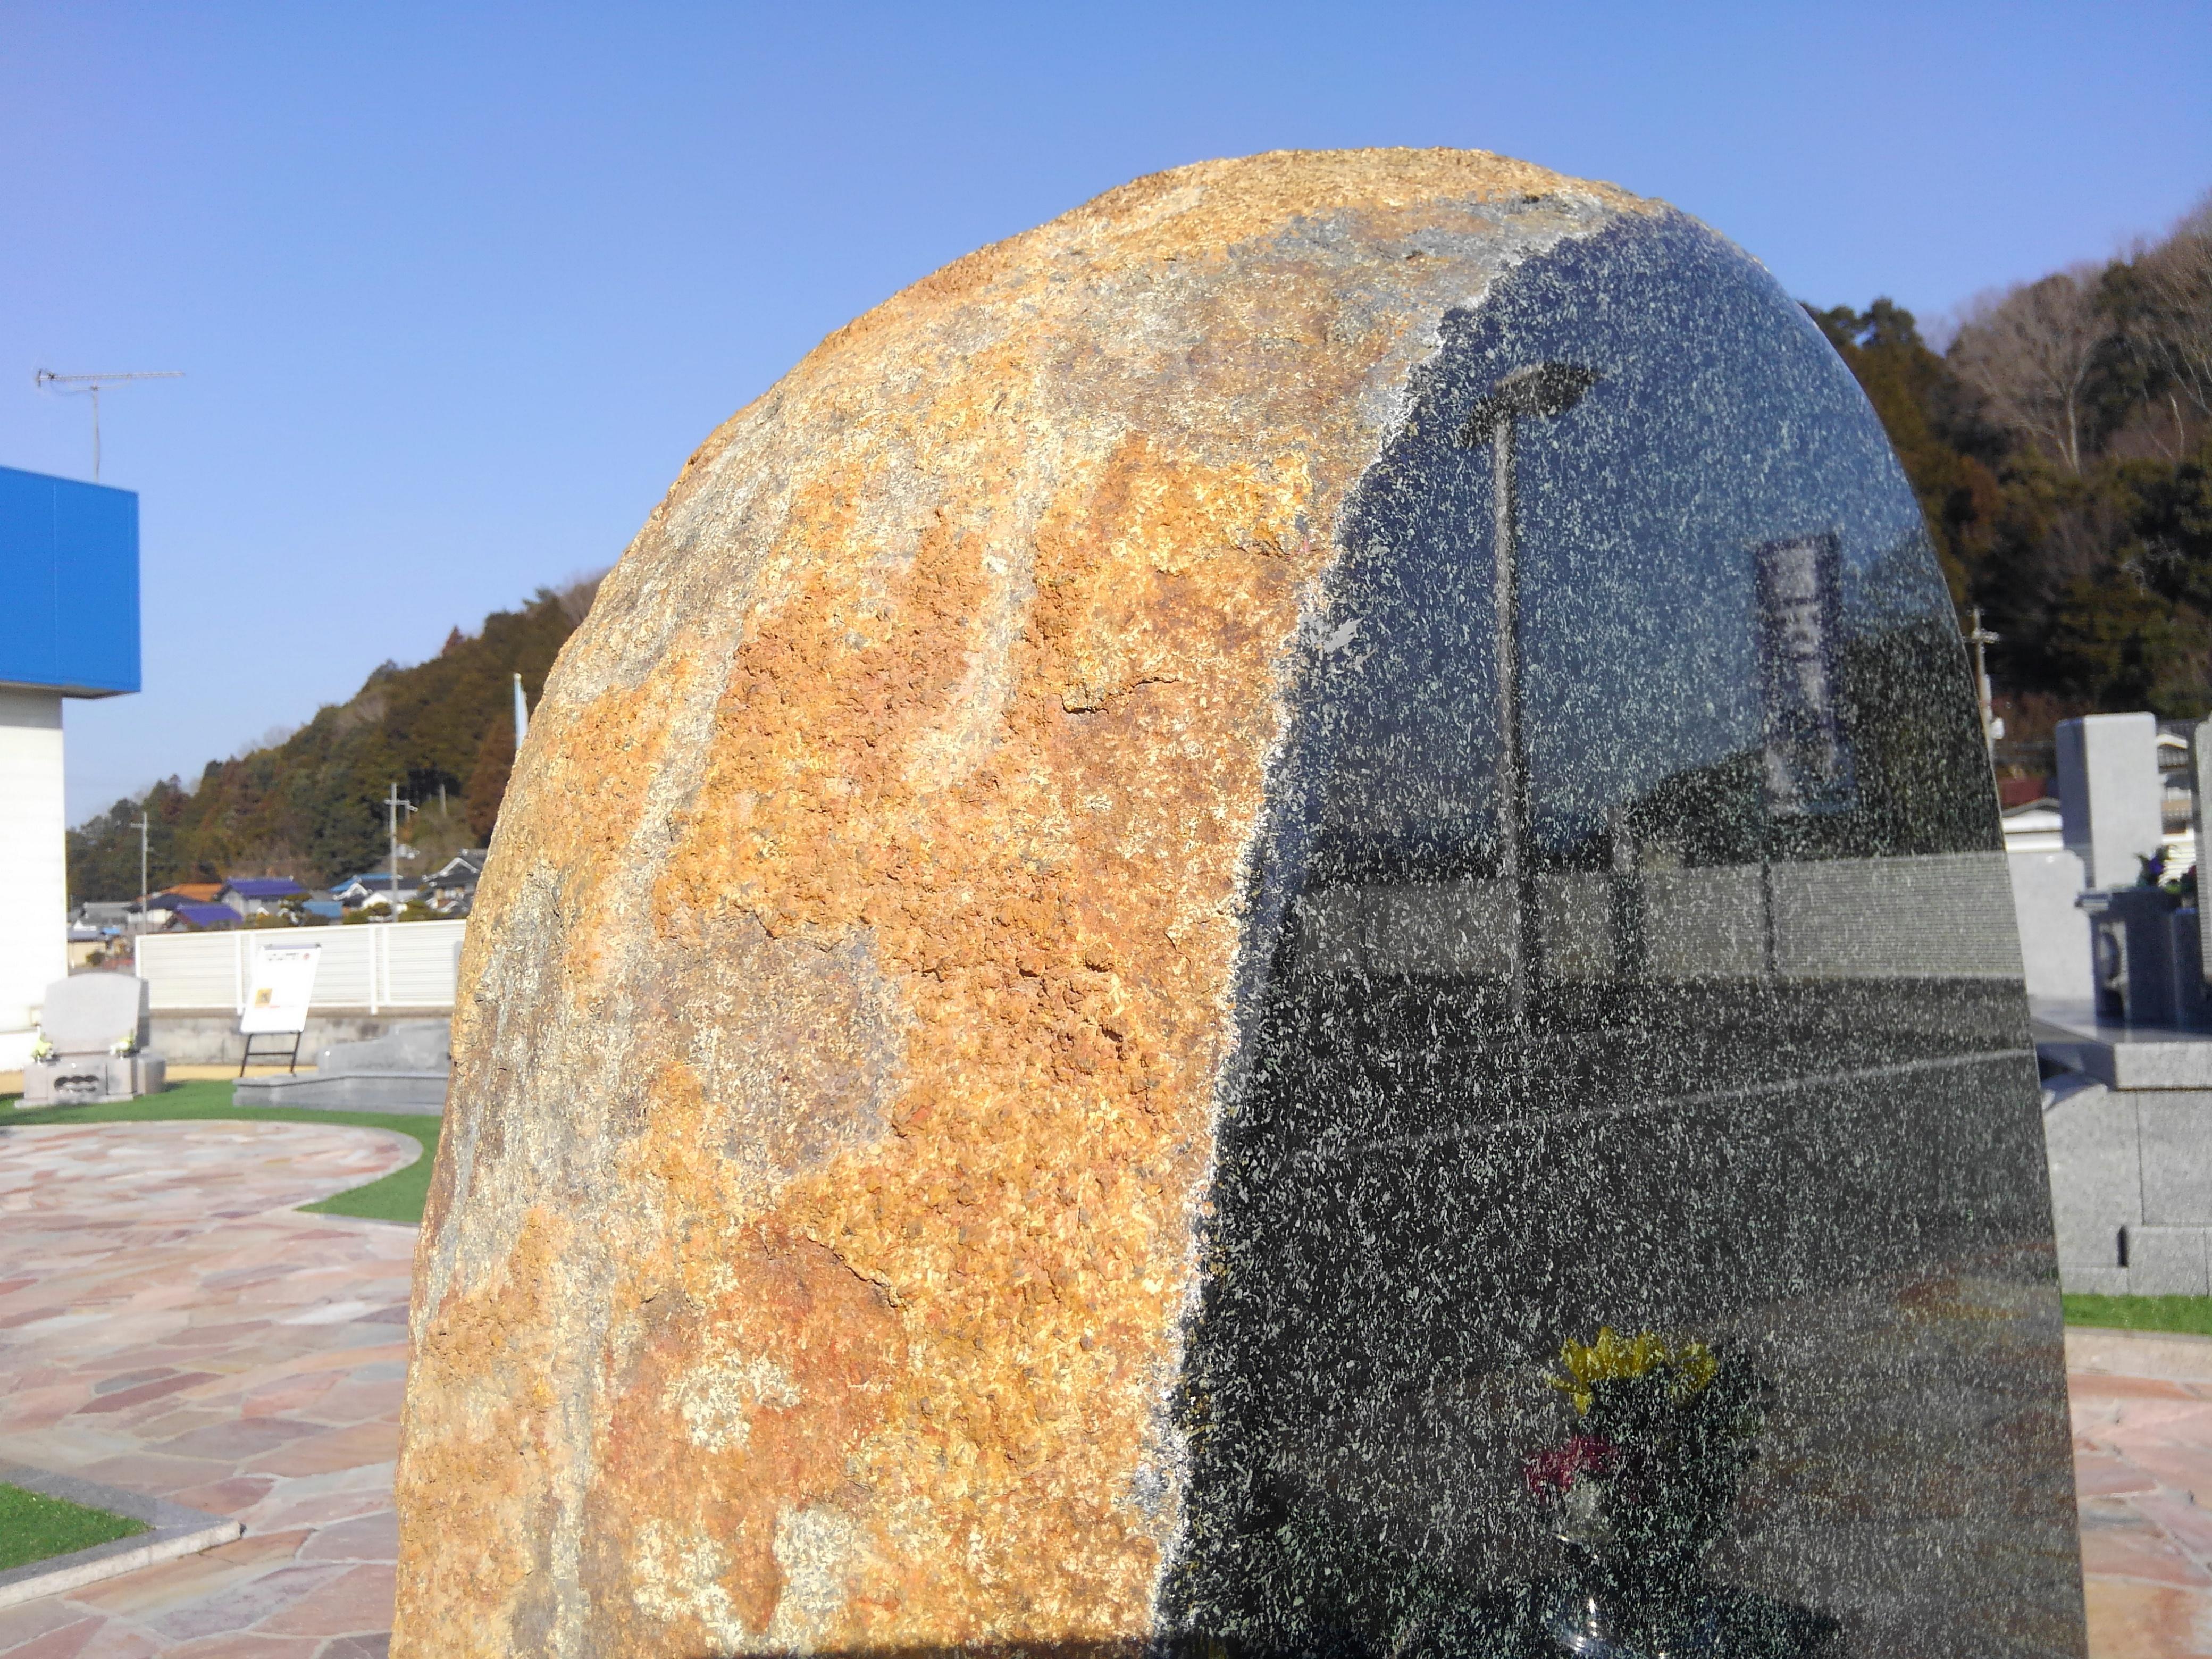 https://www.morita-stone.co.jp/weblog/img/20180209-02.JPG